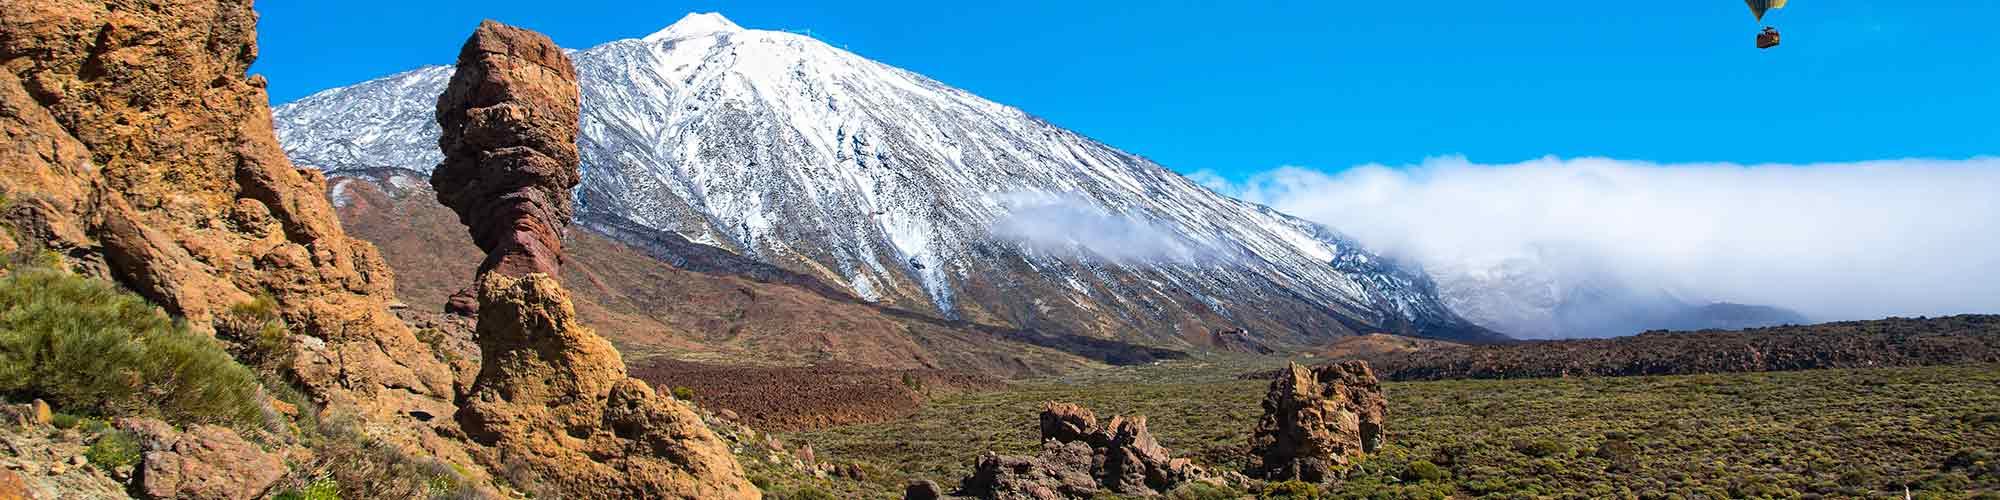 Tenerife con niños - El Pais Viajes